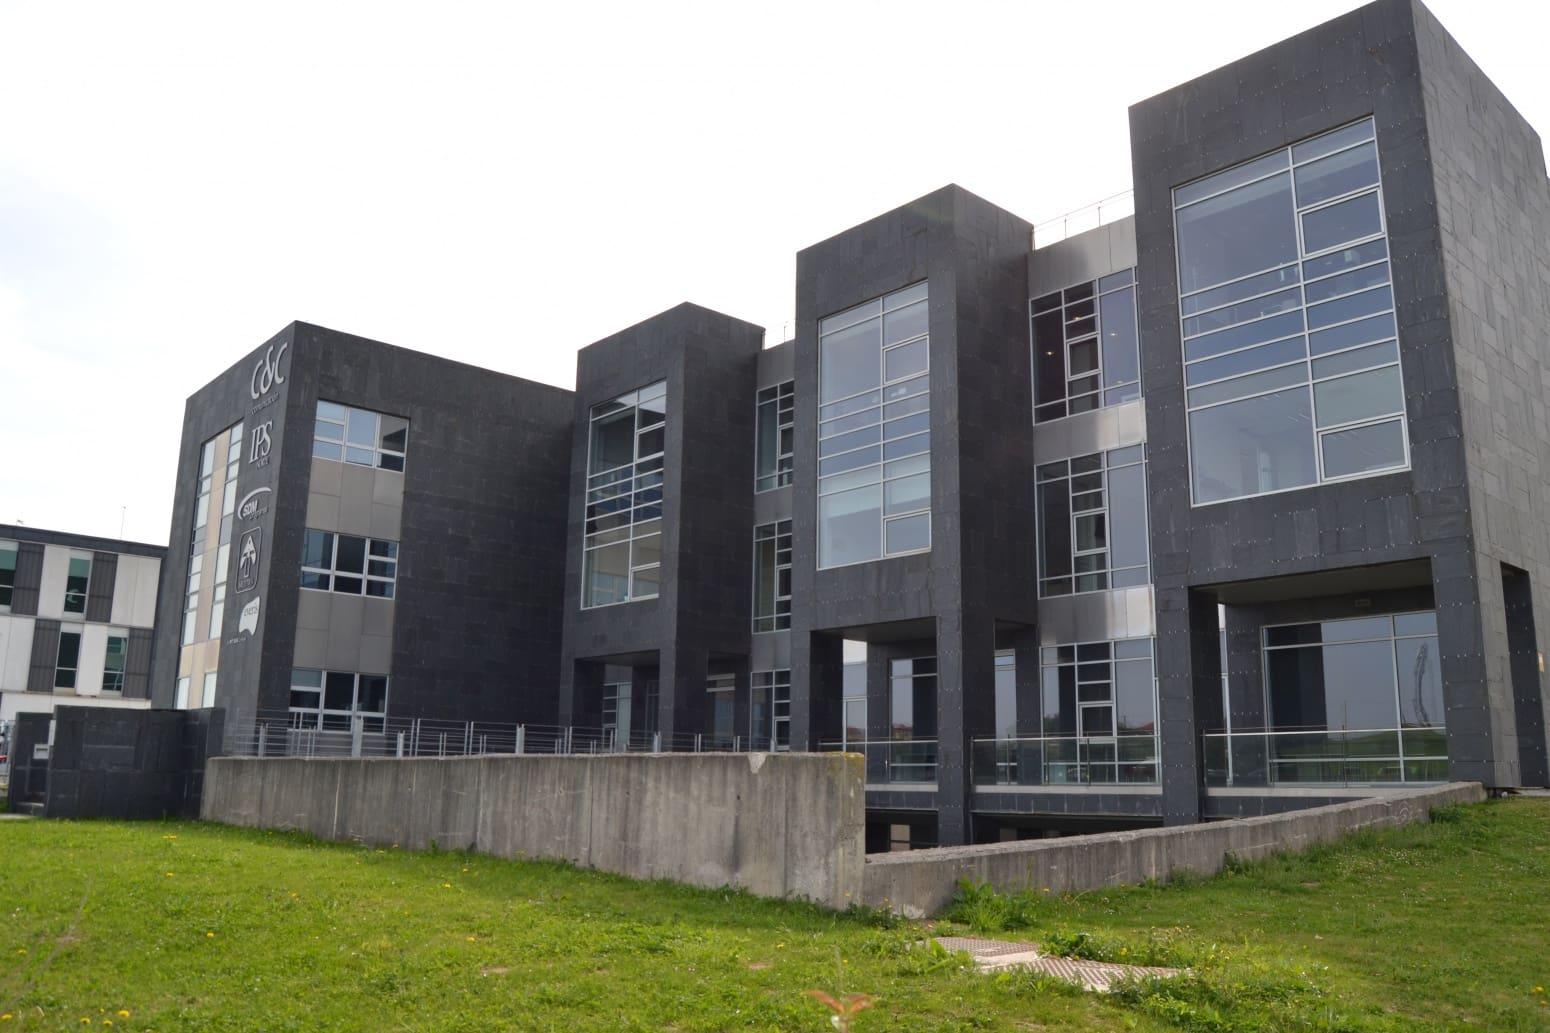 Escritório para venda em Santander - 725 000 € (Ref: 6015934)